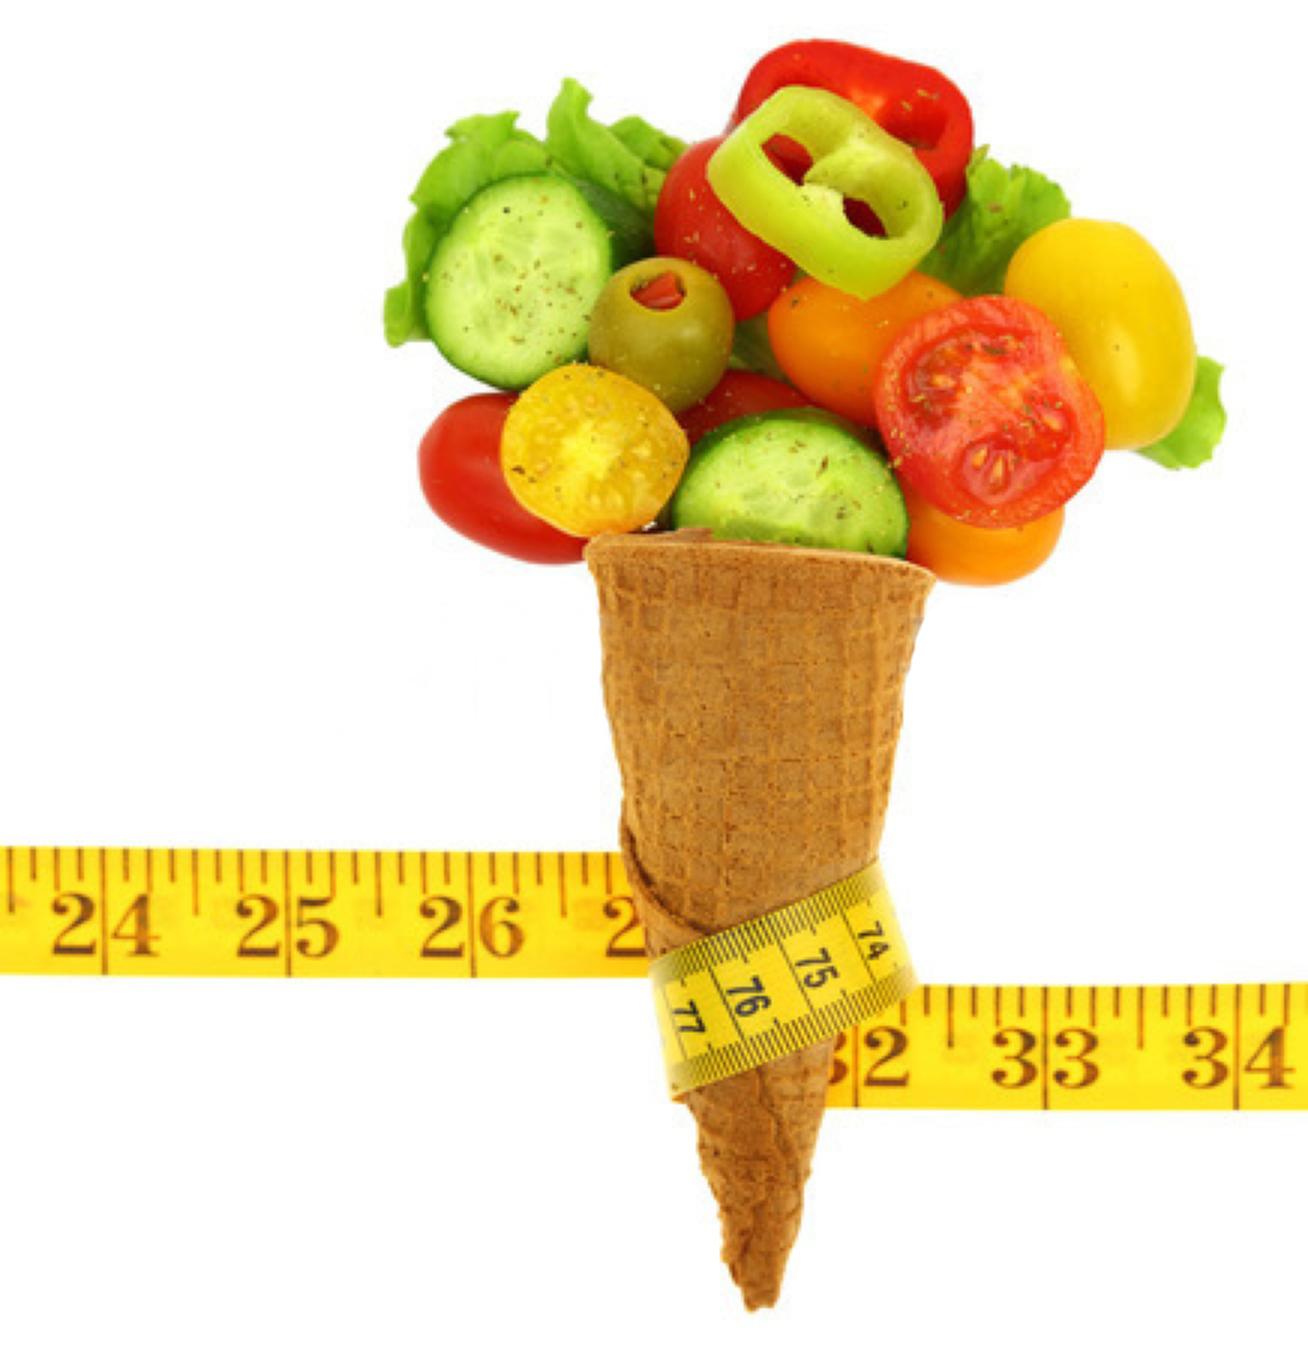 Cucurucho de helado lleno de verduras rodeado de cinta de medir